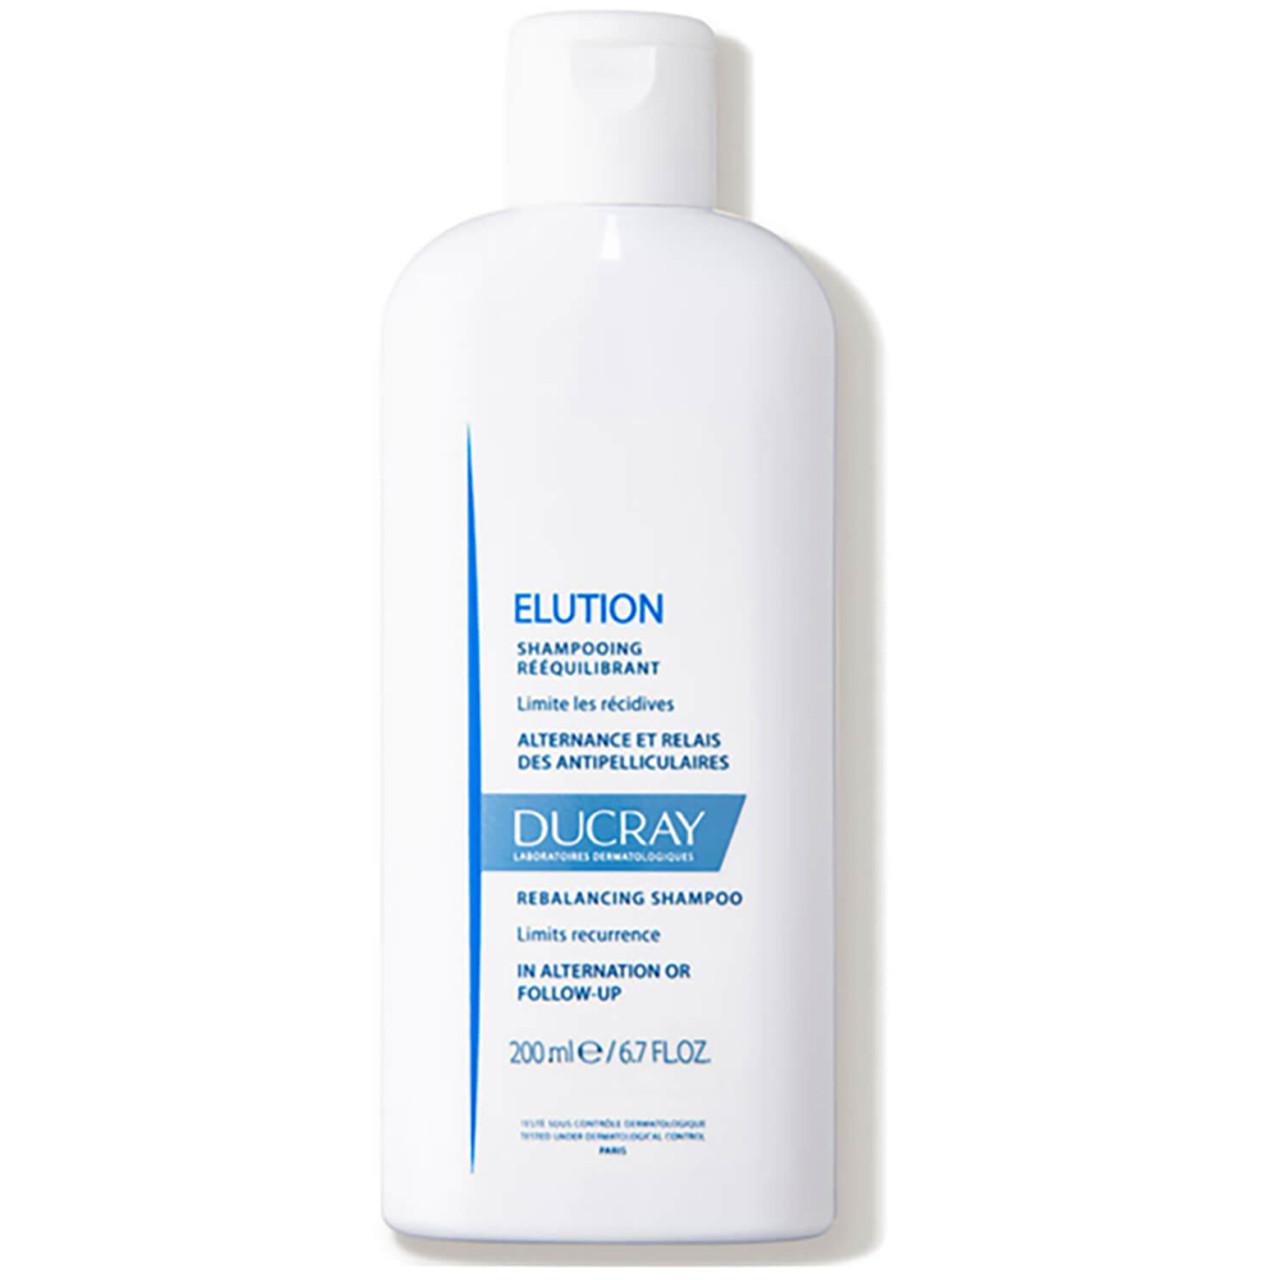 Ducray Elution Shampoo BeautifiedYou.com